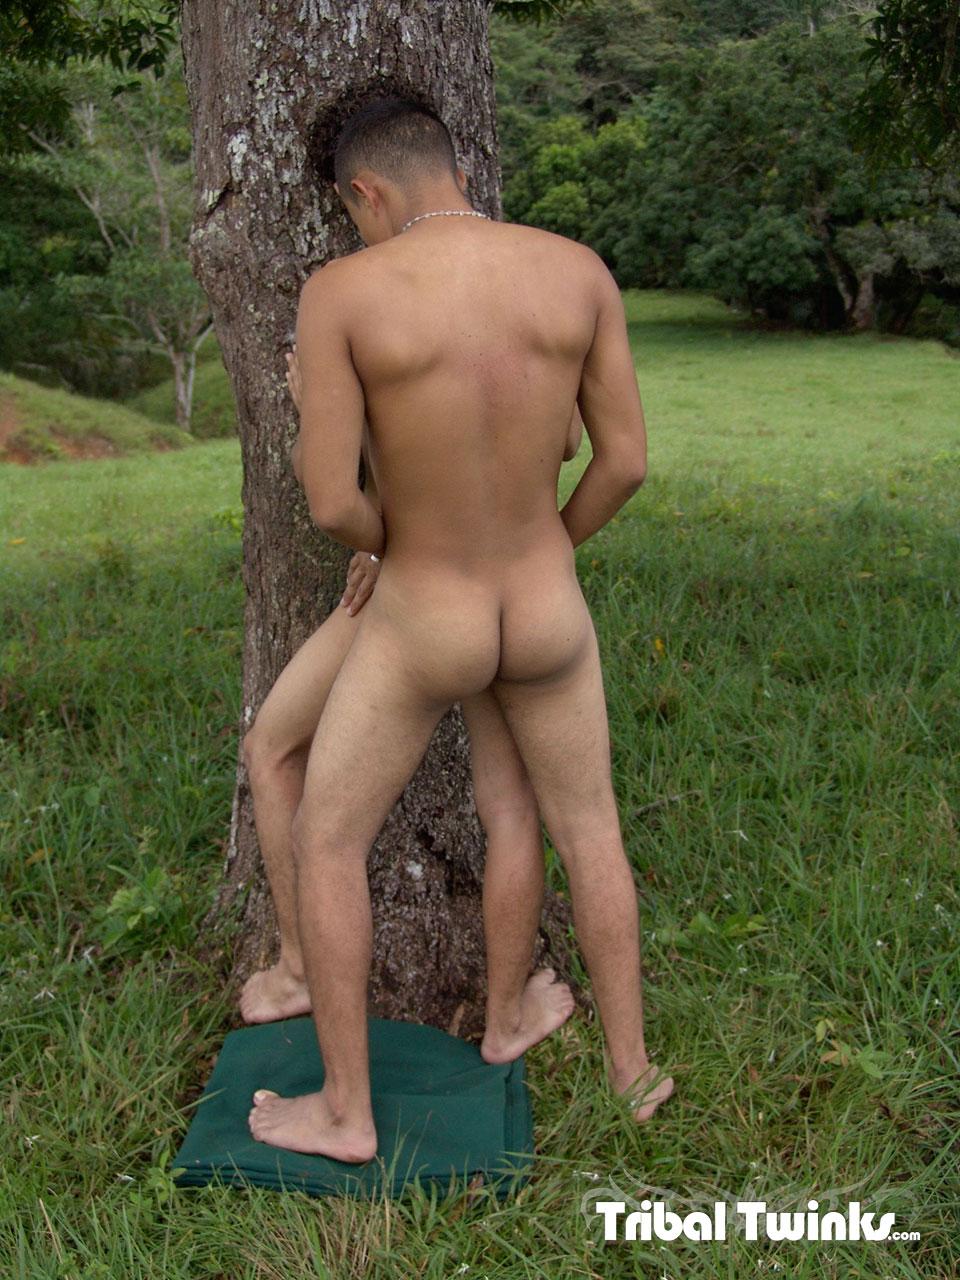 nudist florida gay